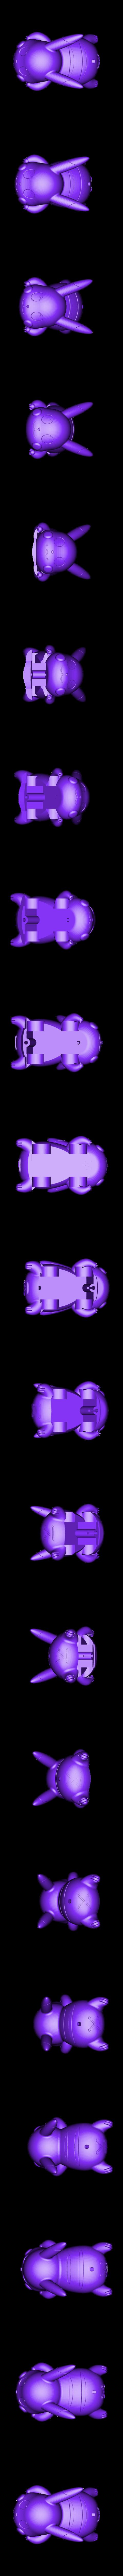 pikachuPBC-body.stl Télécharger fichier STL gratuit Pokémon - Pikachu tirer voiture jouet • Objet pour imprimante 3D, cycstudio